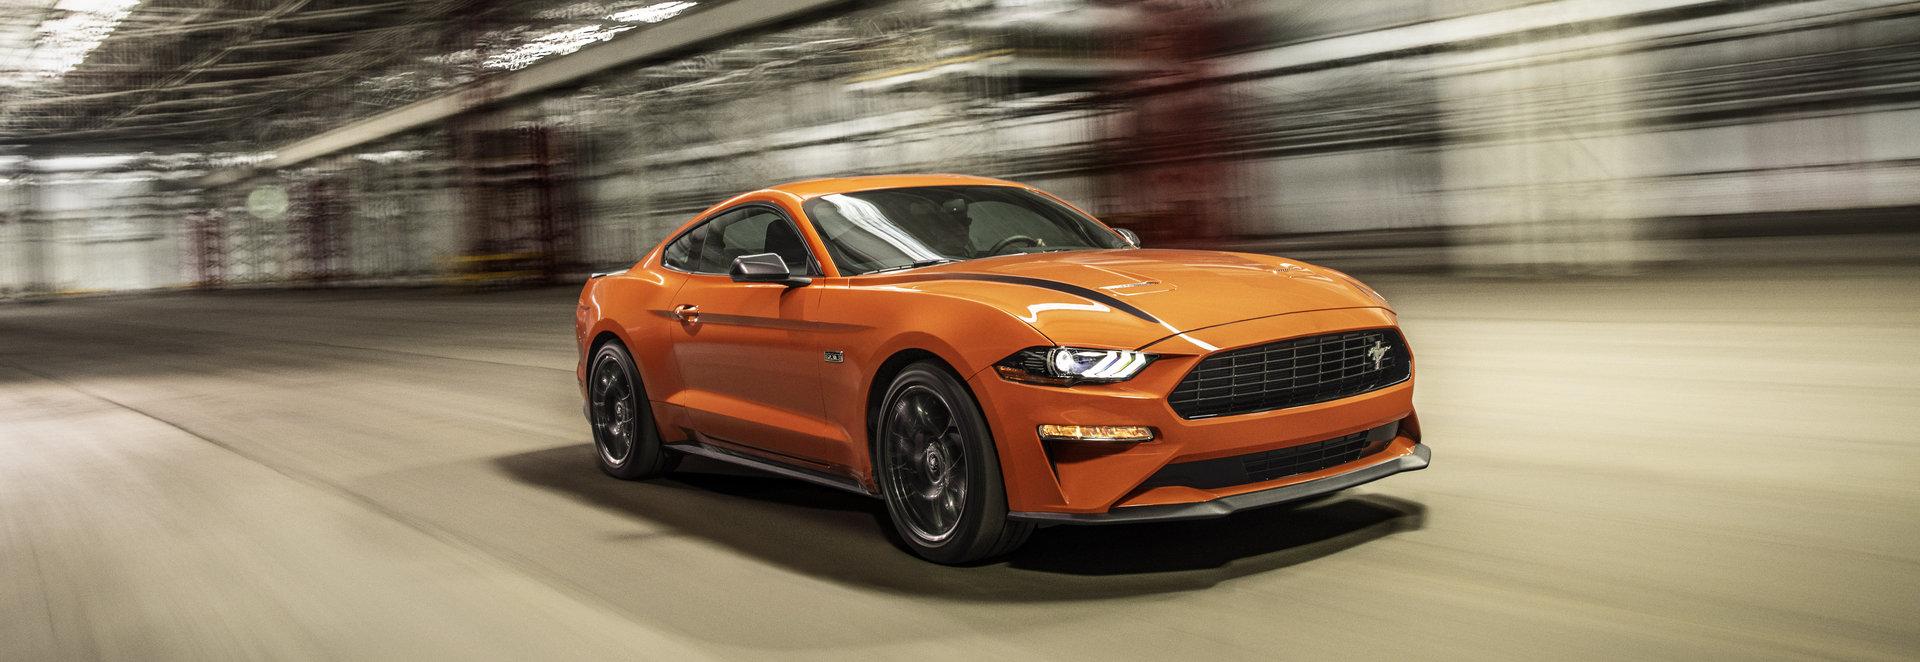 Ford celebra por cuarta vez el dominio mundial del Mustang en su segmento